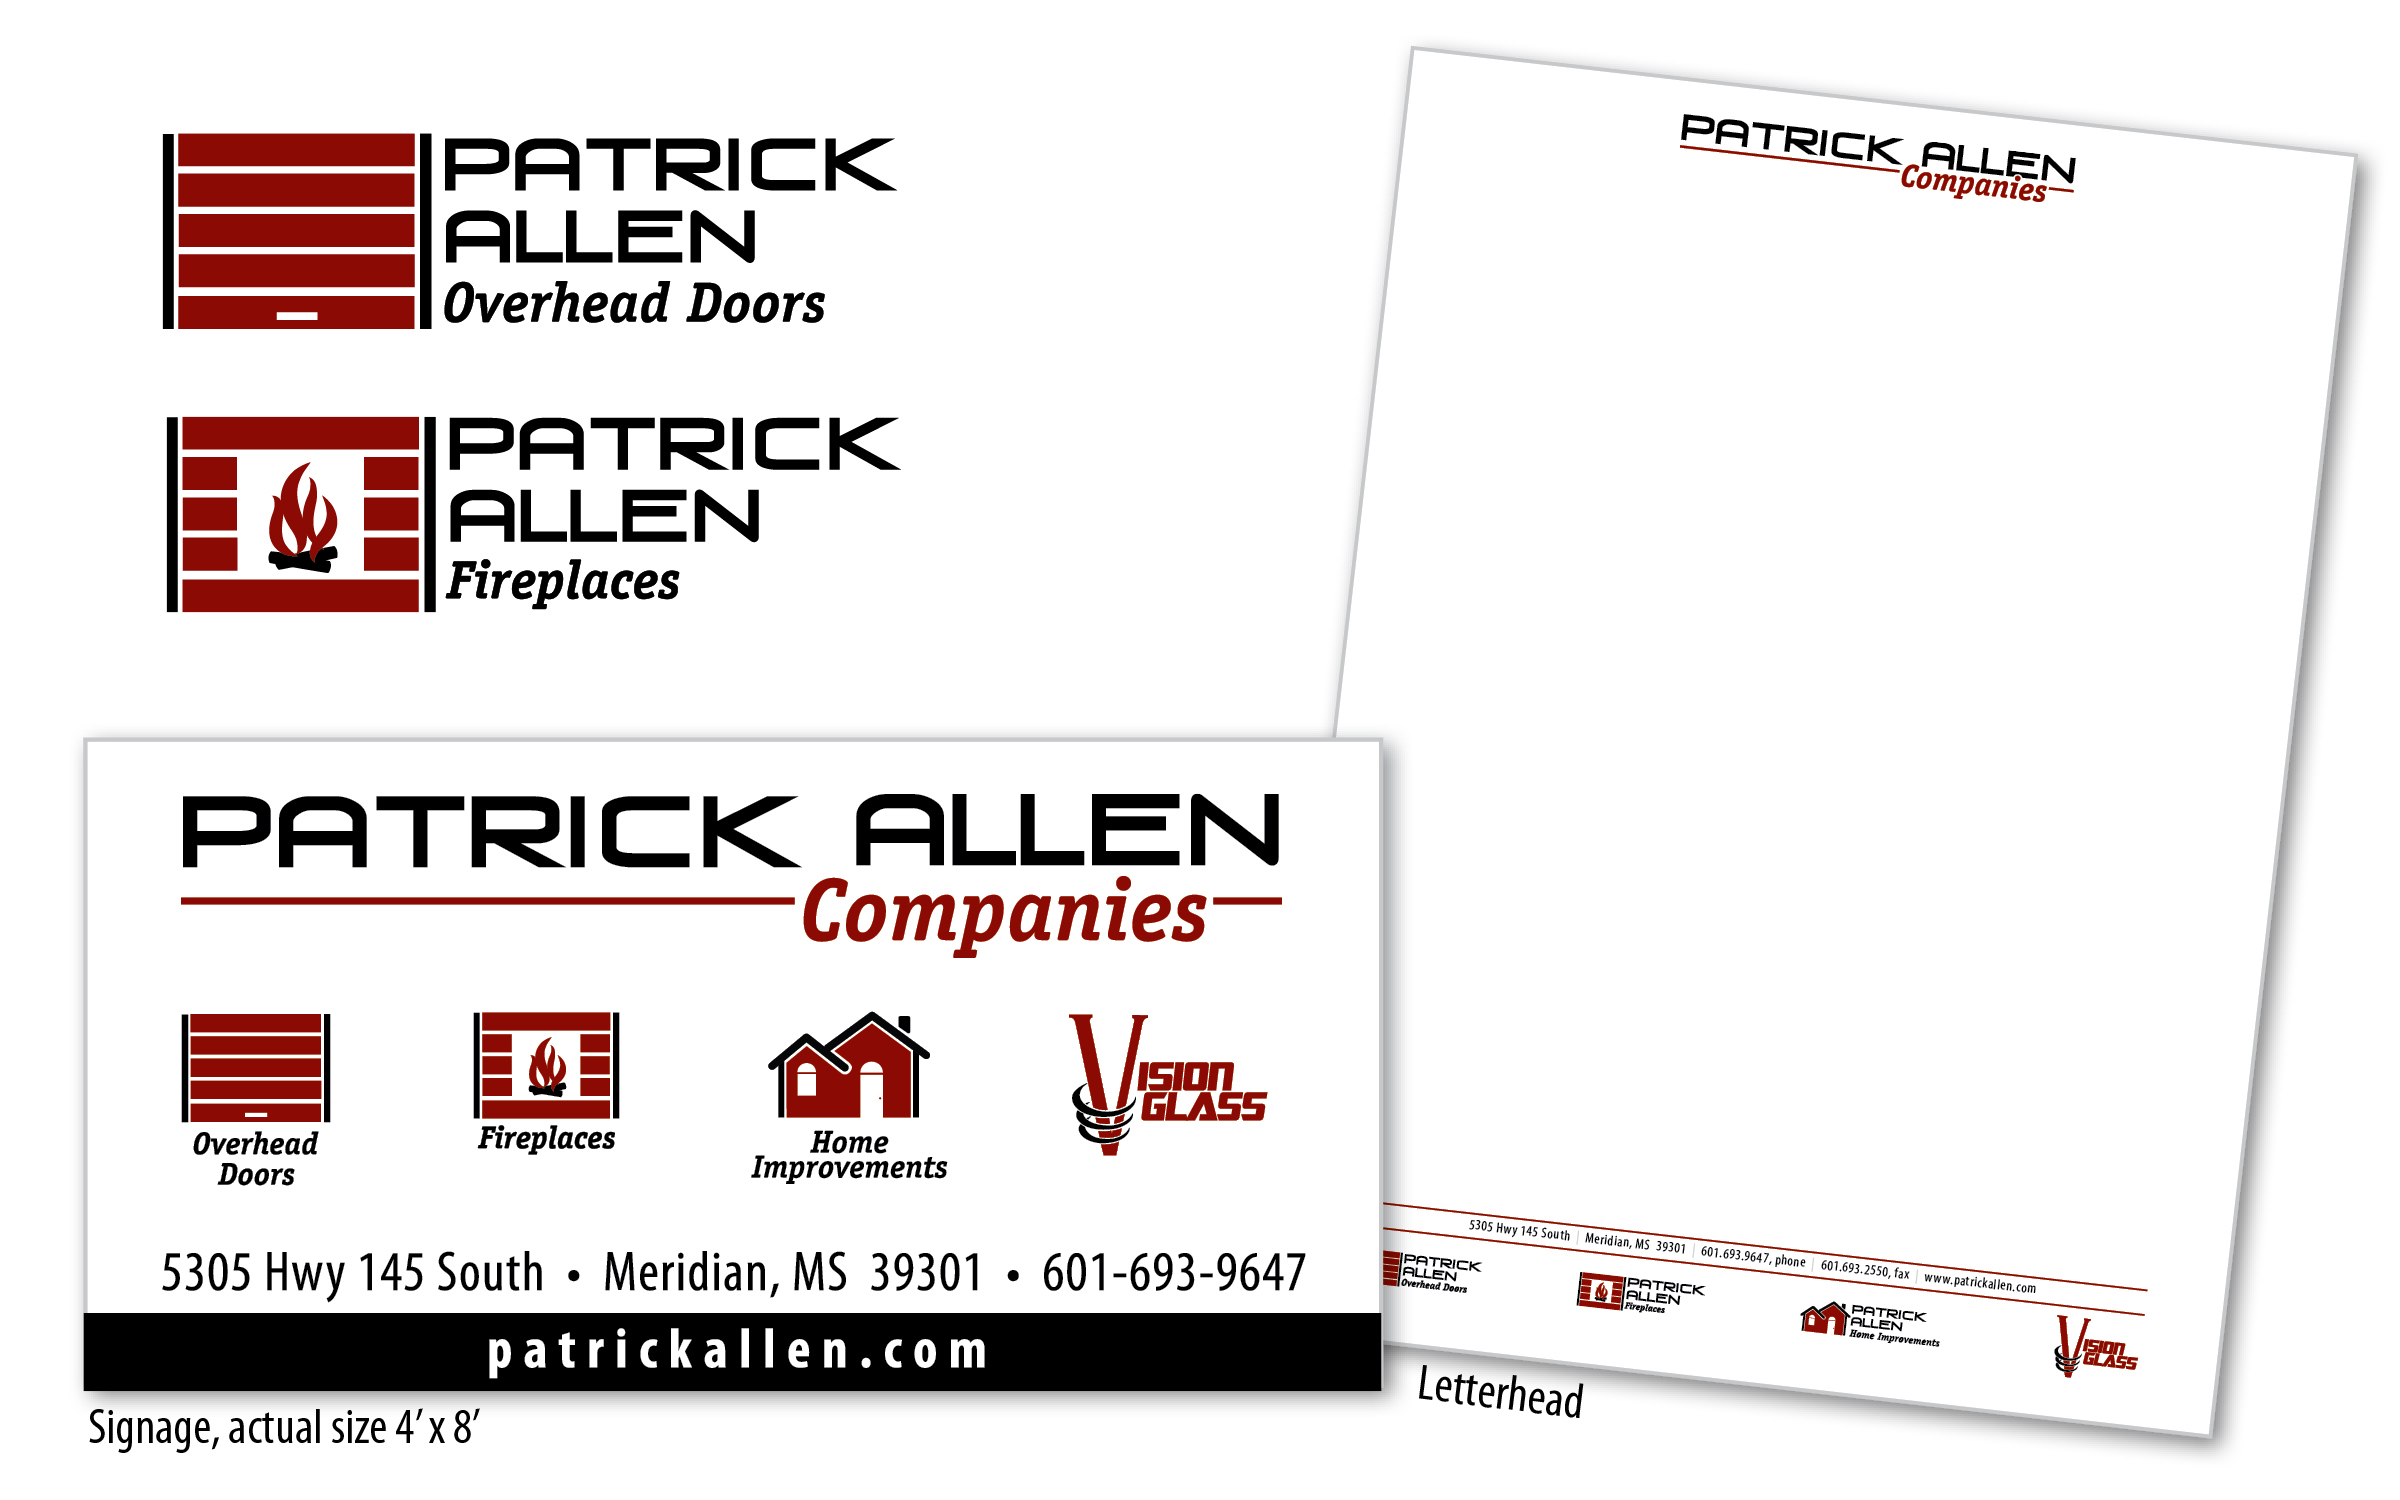 Patrick Allen Companies Branding